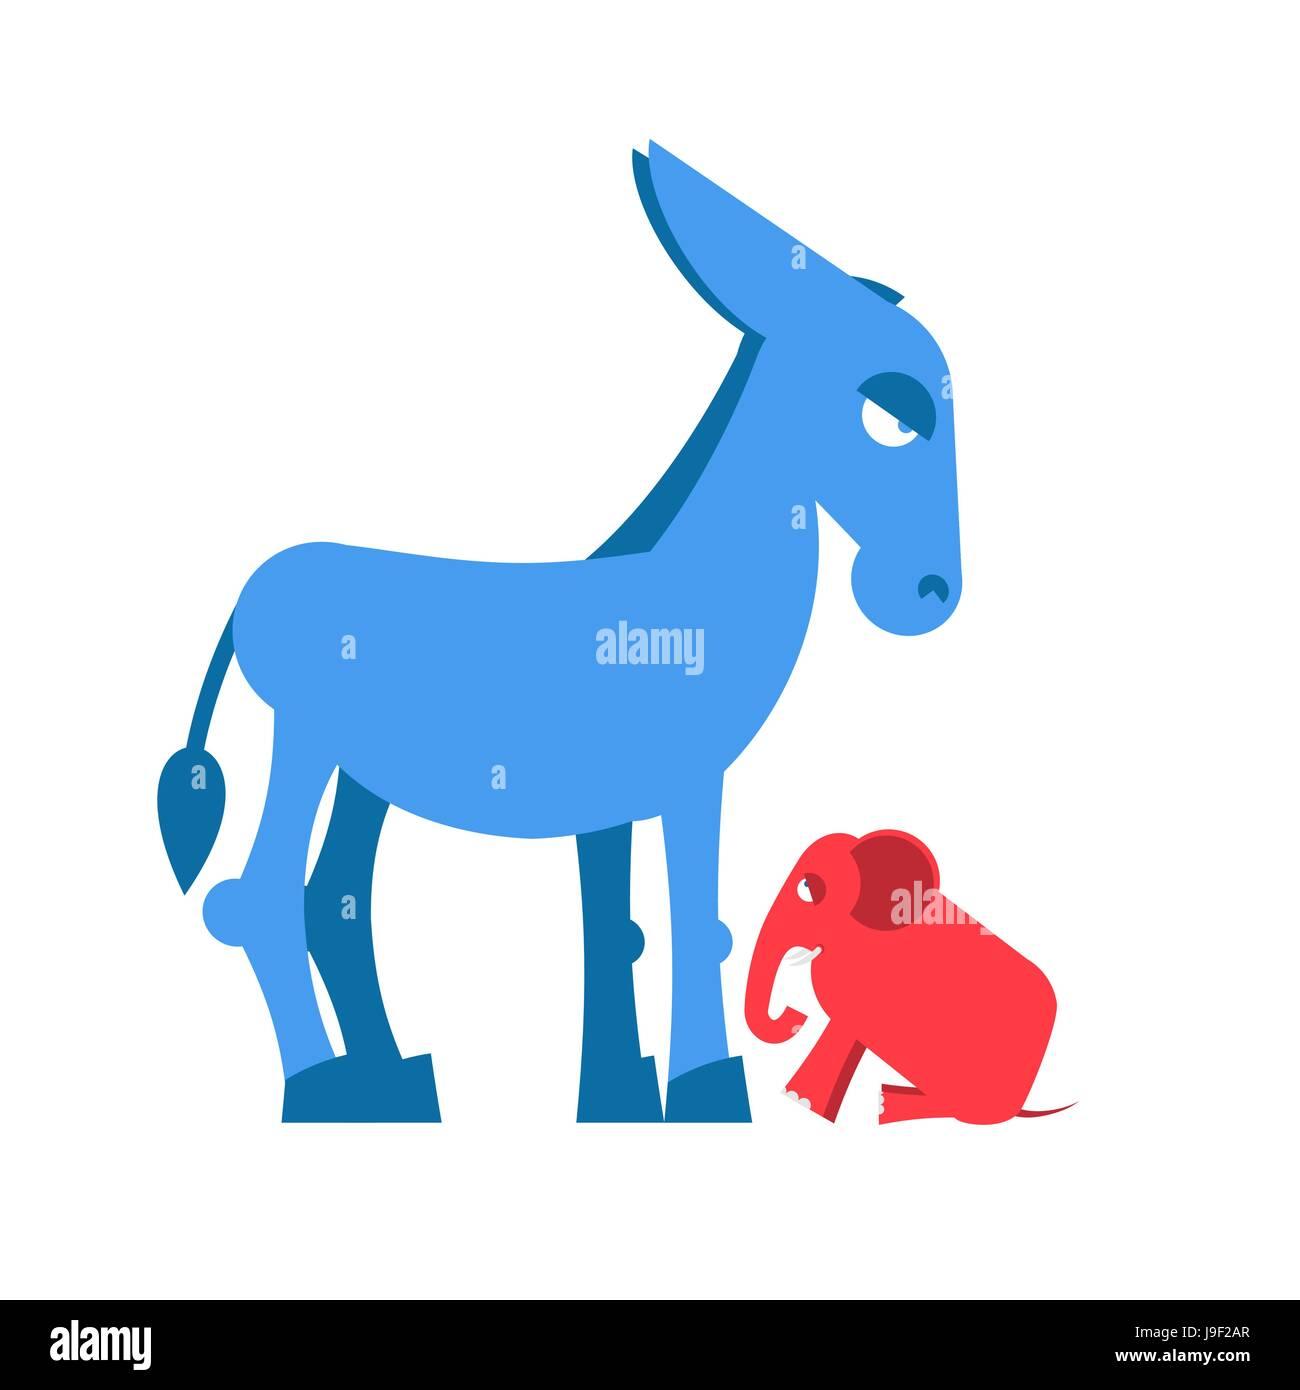 Republicans Democrats Cartoon Stockfotos & Republicans Democrats ...